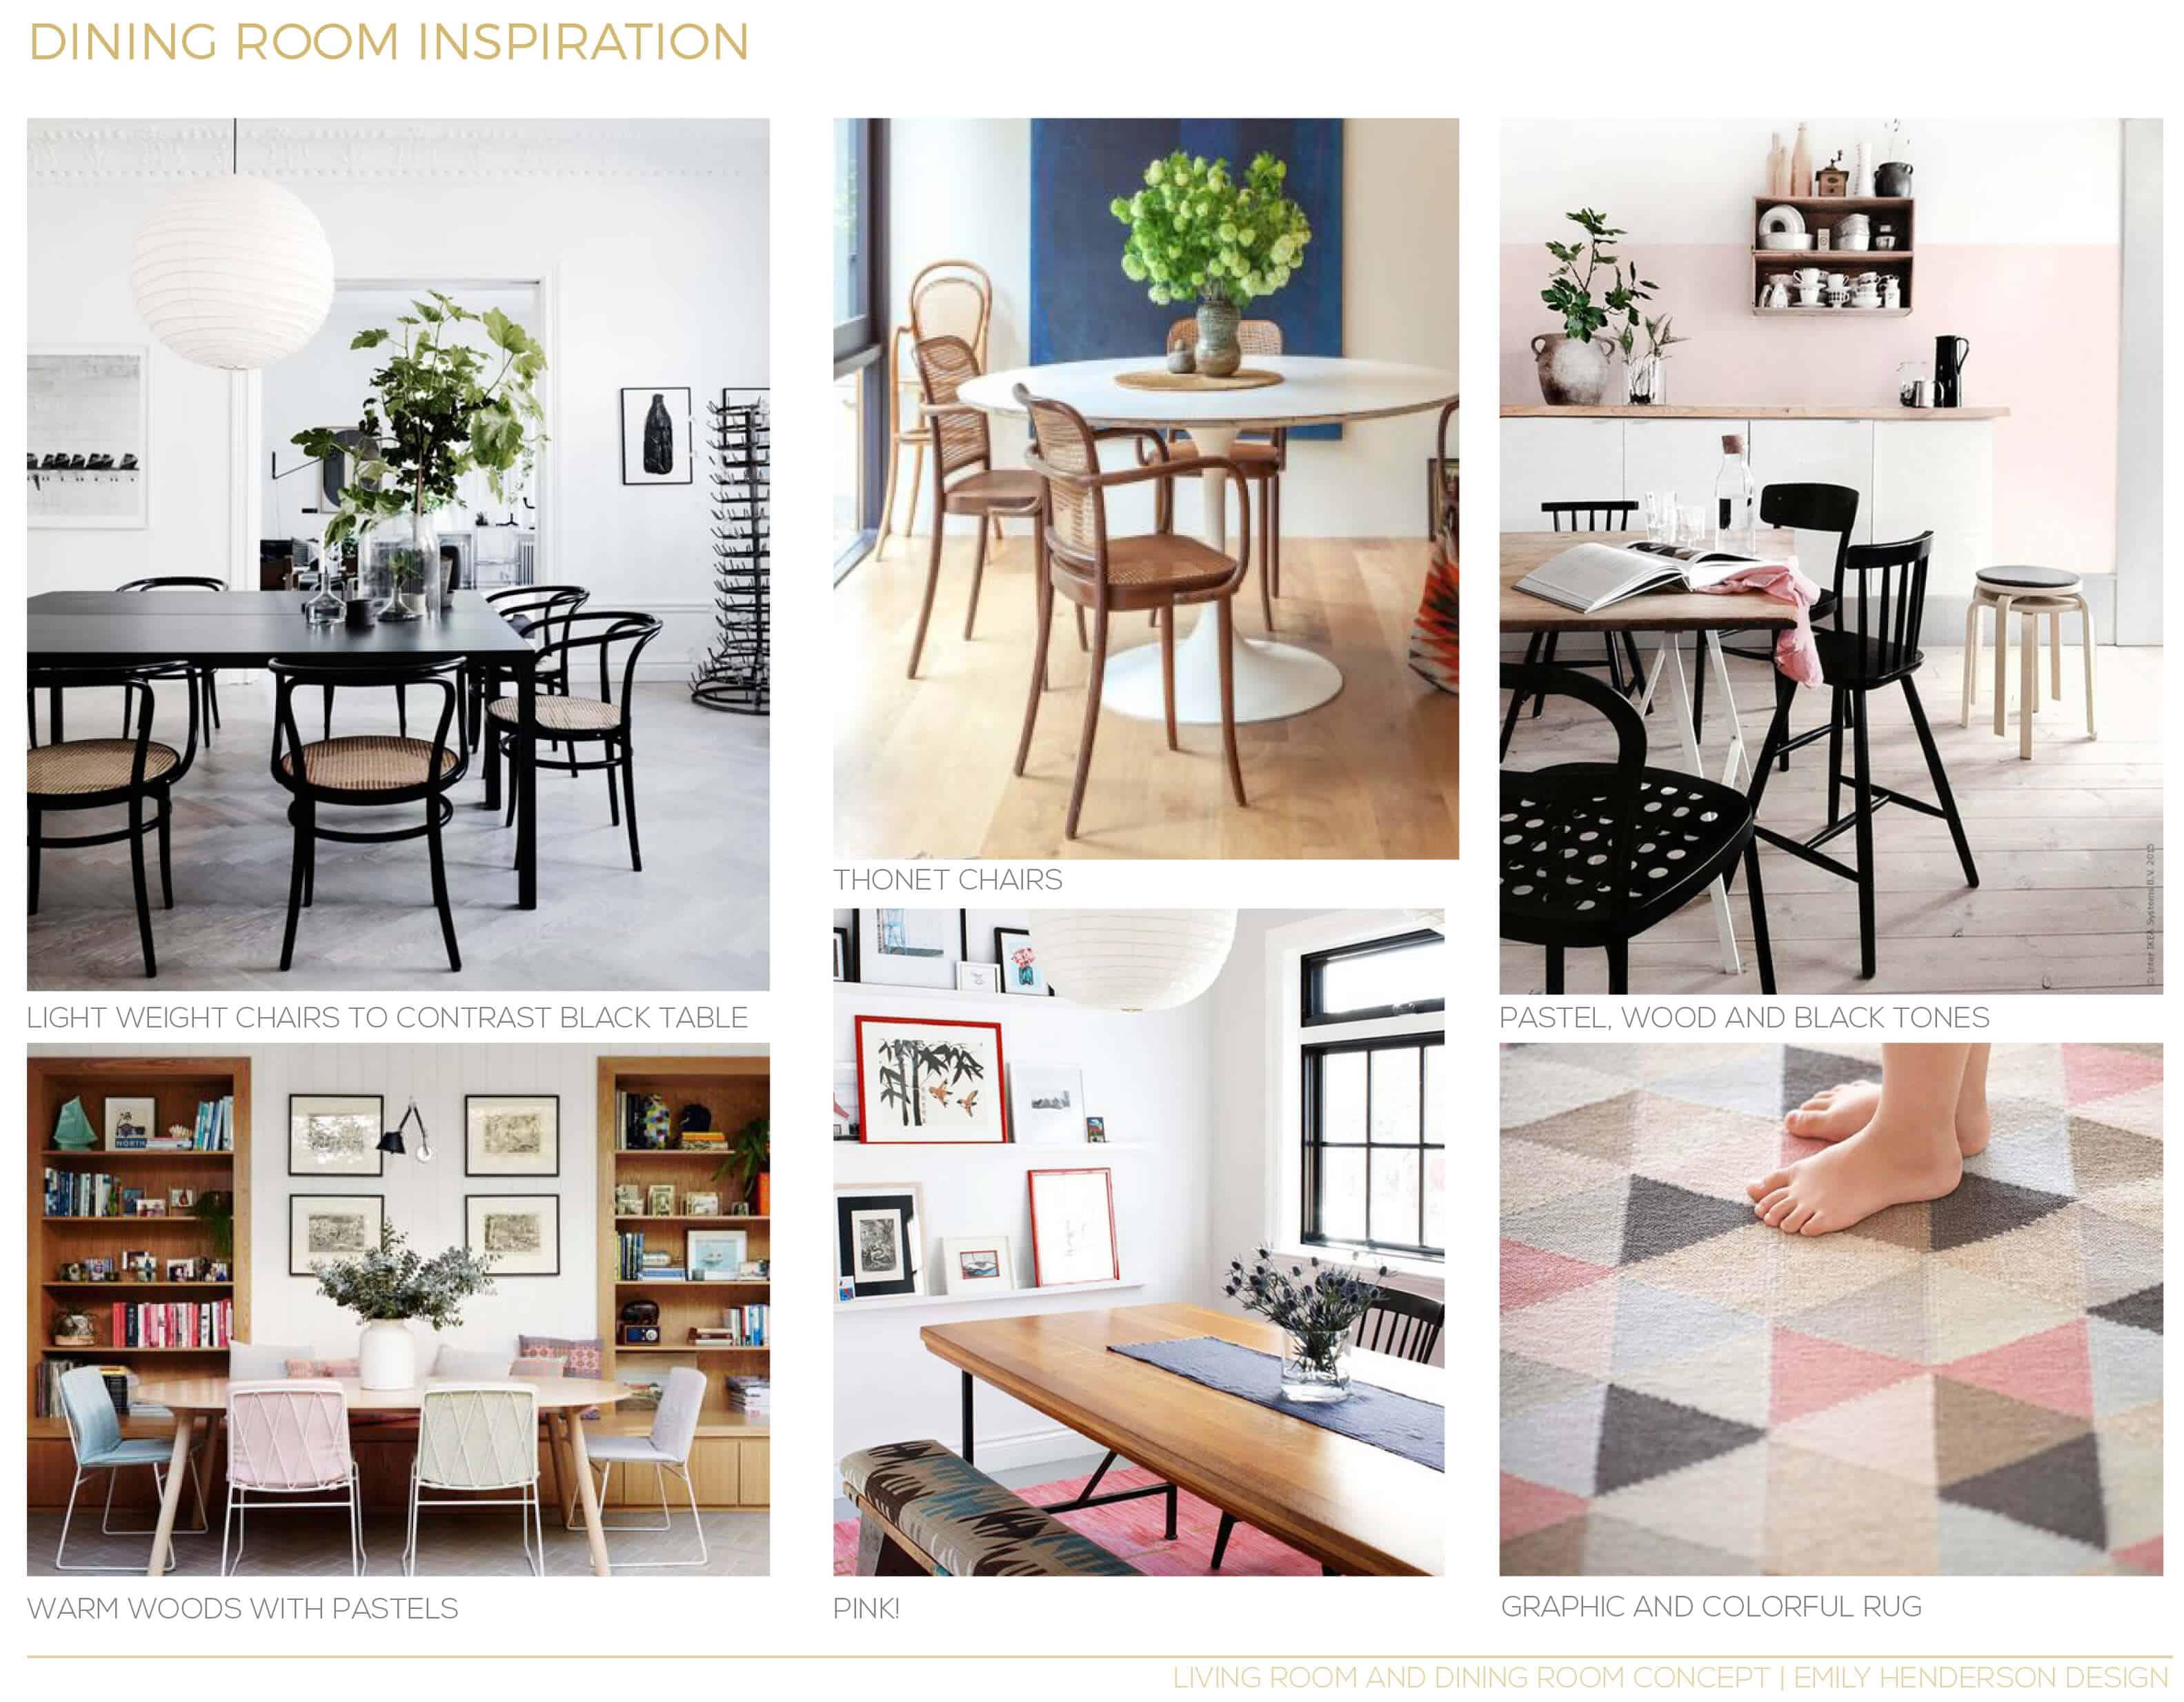 jaime_Derringer_Emily_Henderson_Design_Milk_Dining_Room_Inspiration